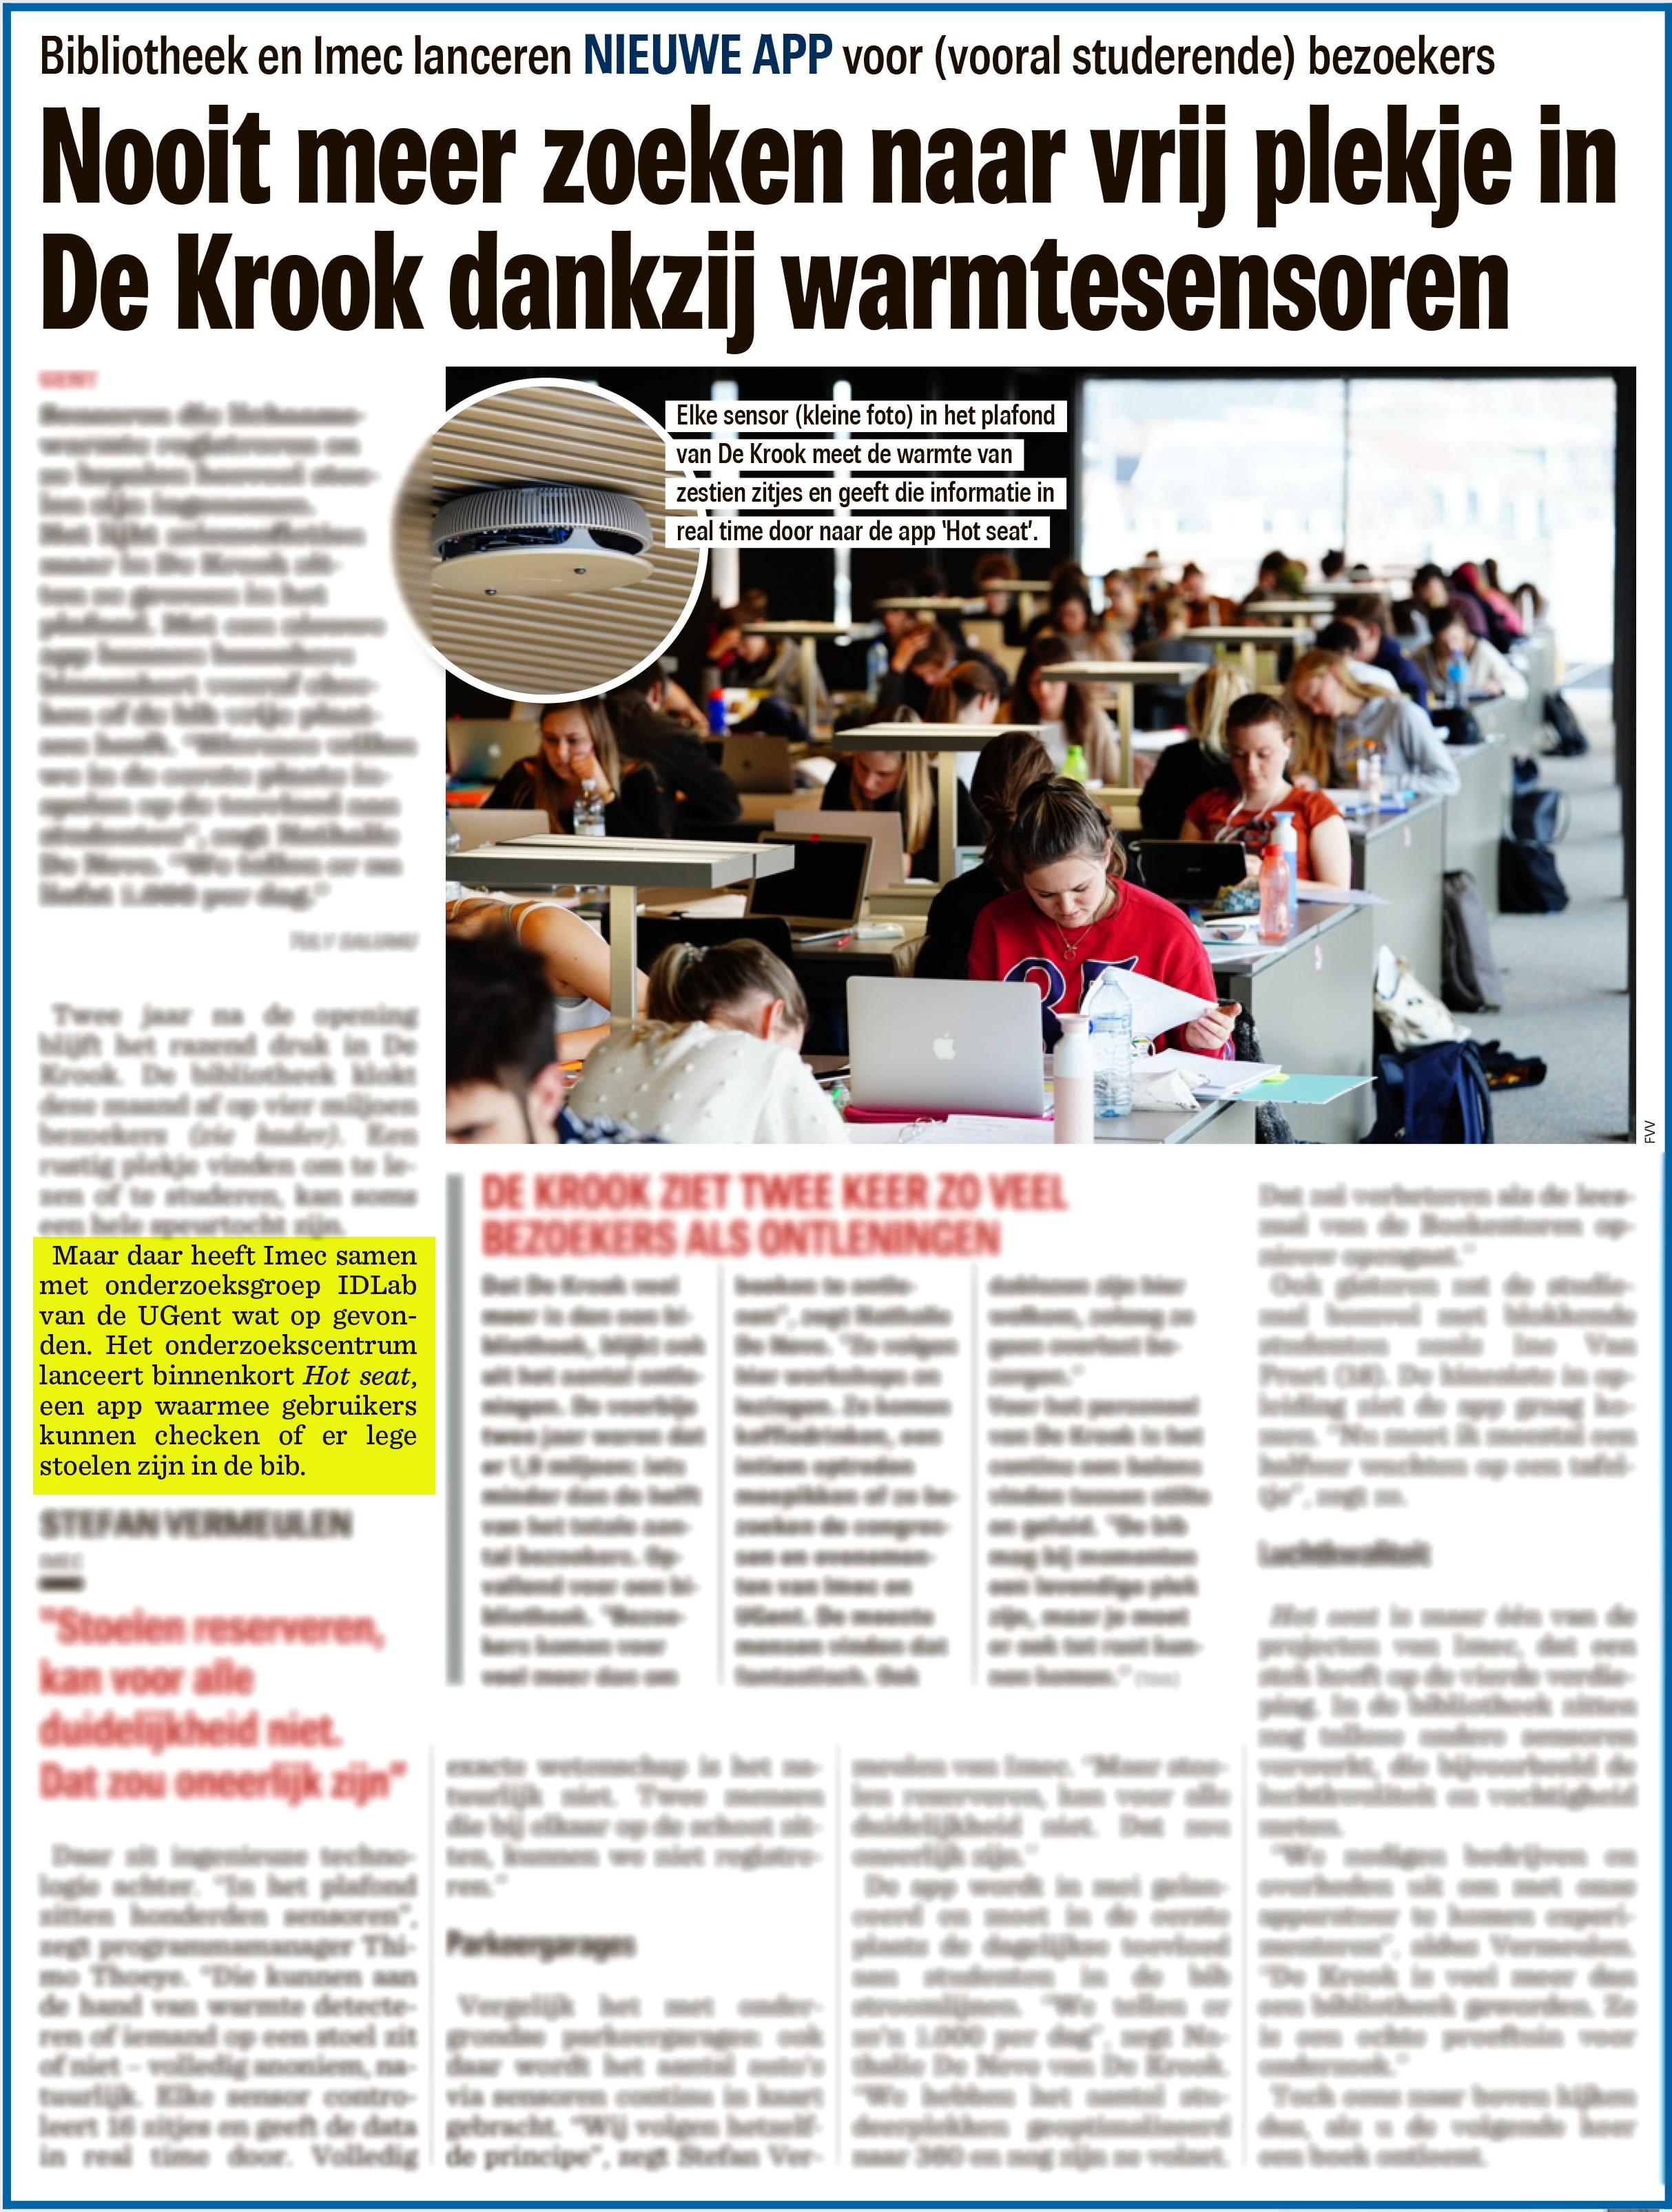 BRON: Nieuwsblad, 03/04/2019, p. 5